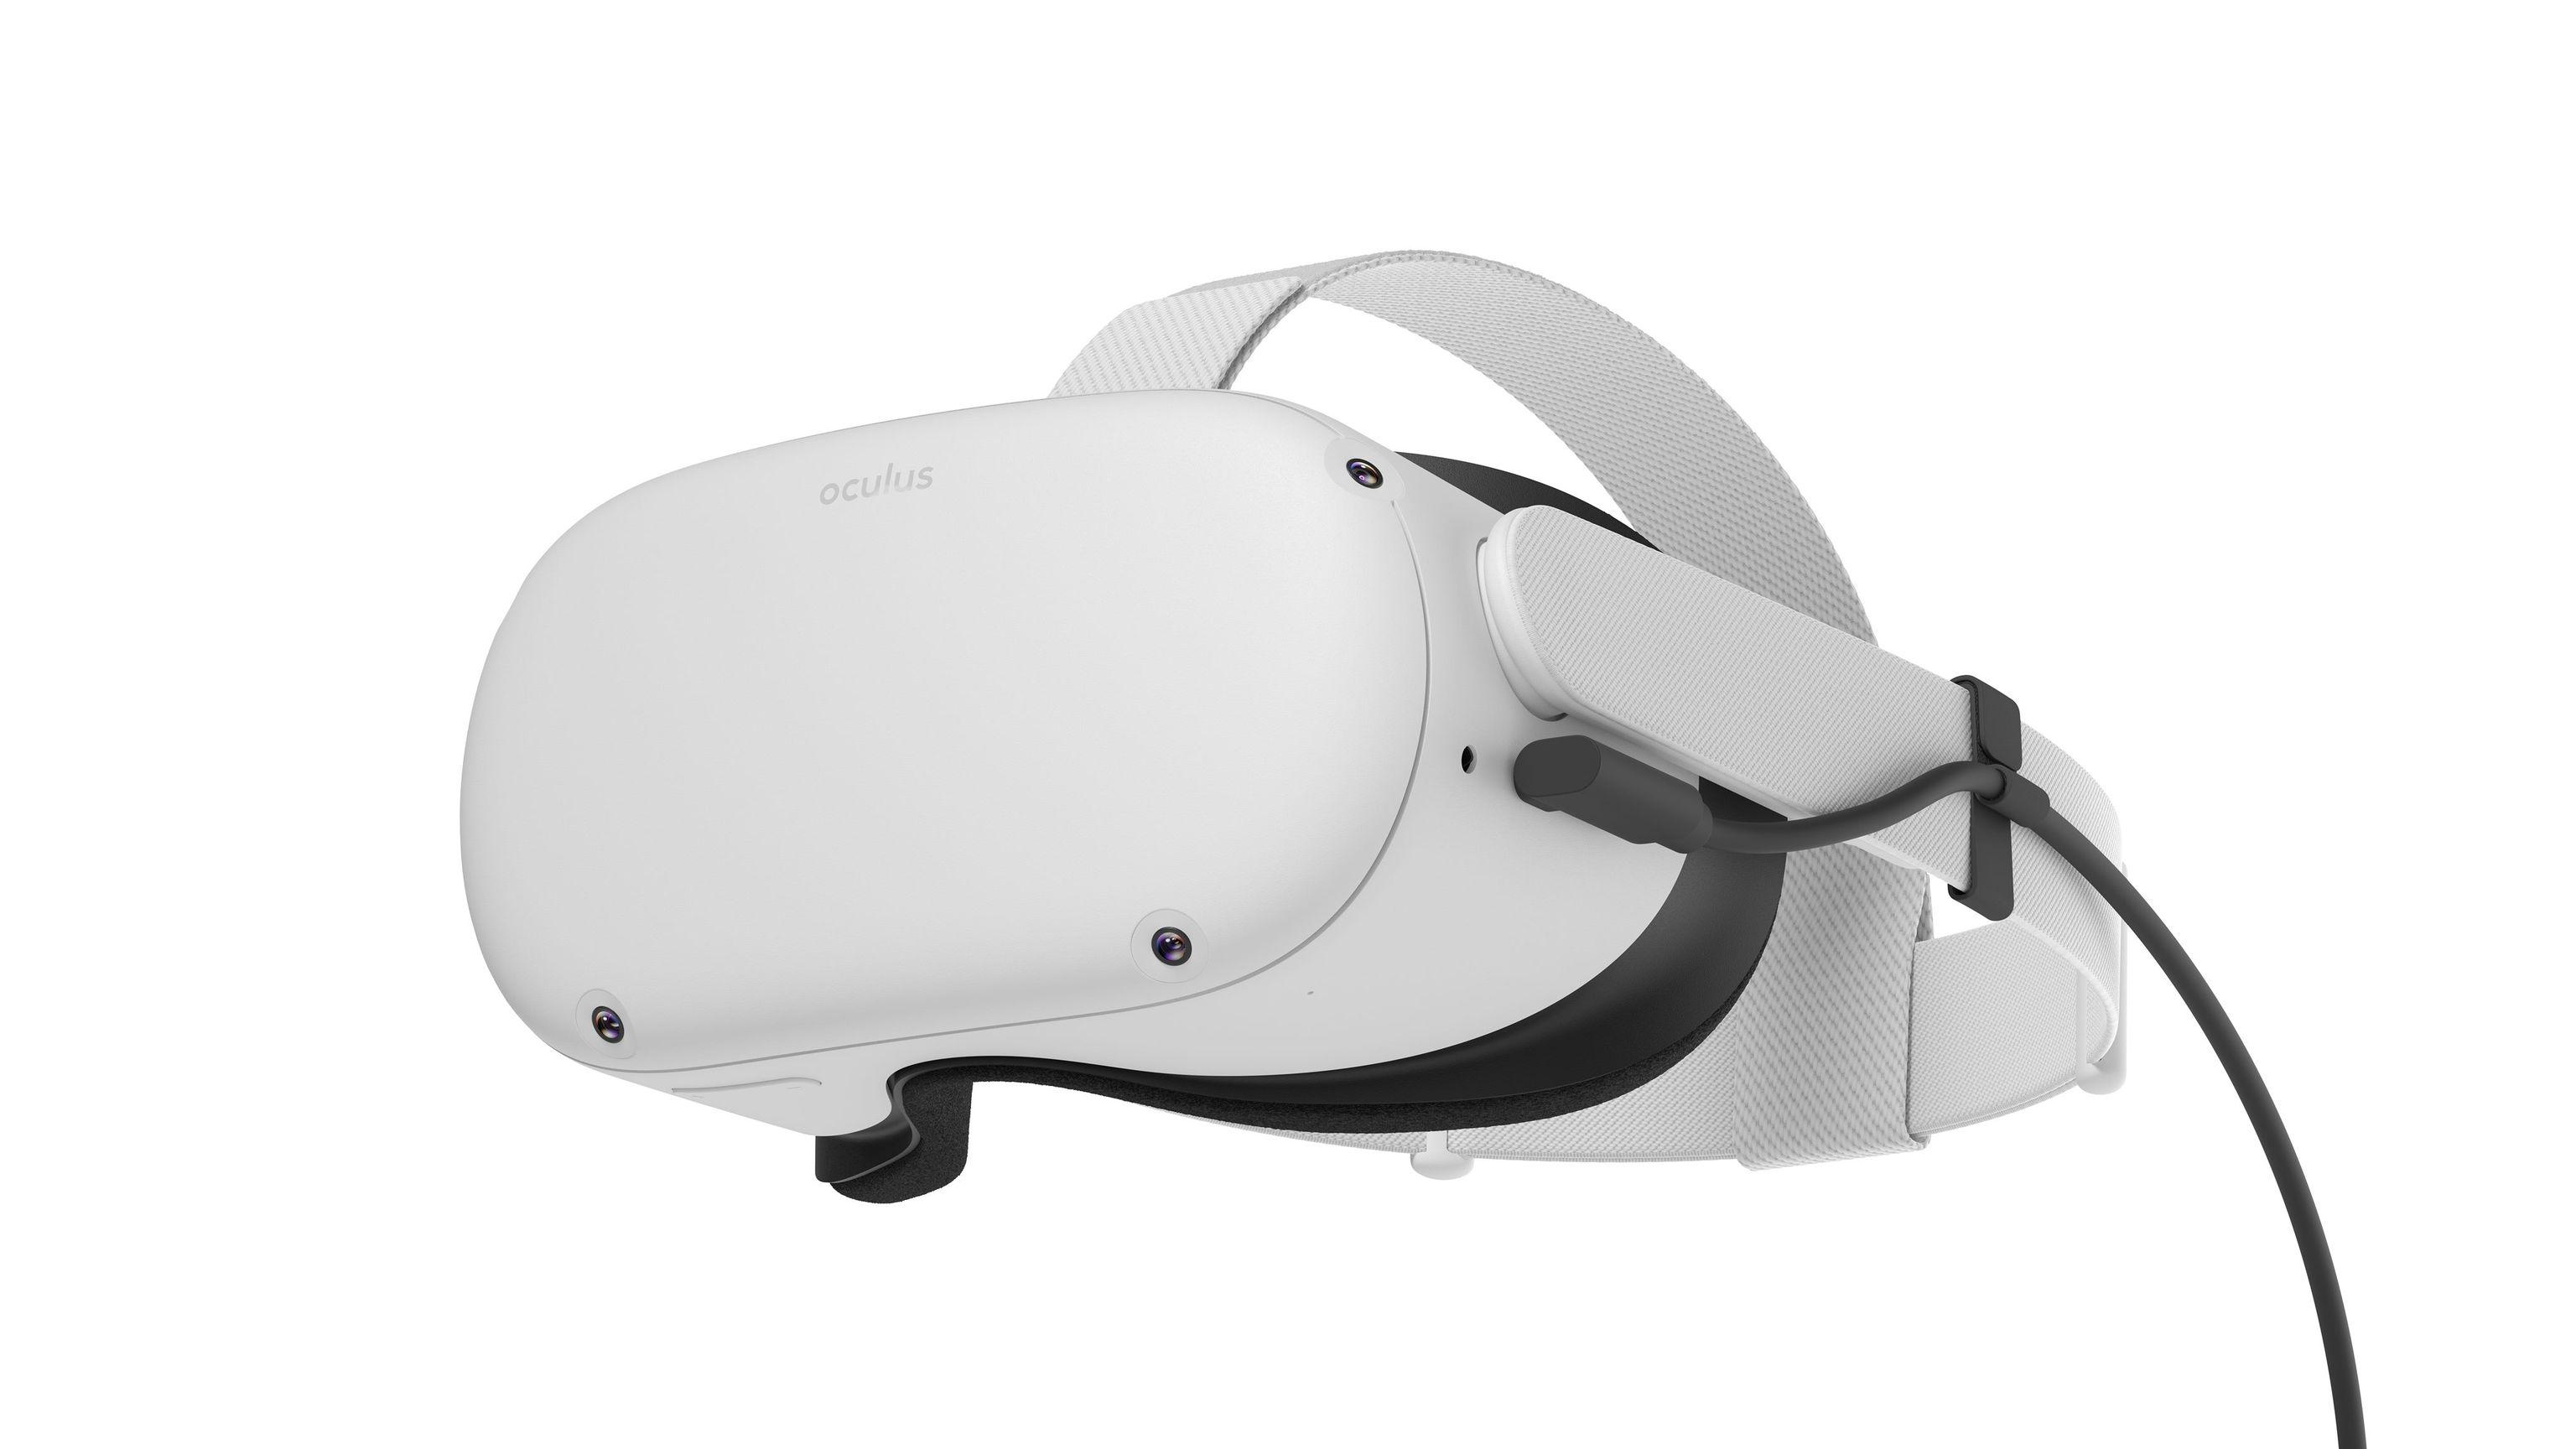 Aktualizacja Oculus Quest 2 wprowadza wiele ulepszeń, z odświeżaniem 90 Hz na czele